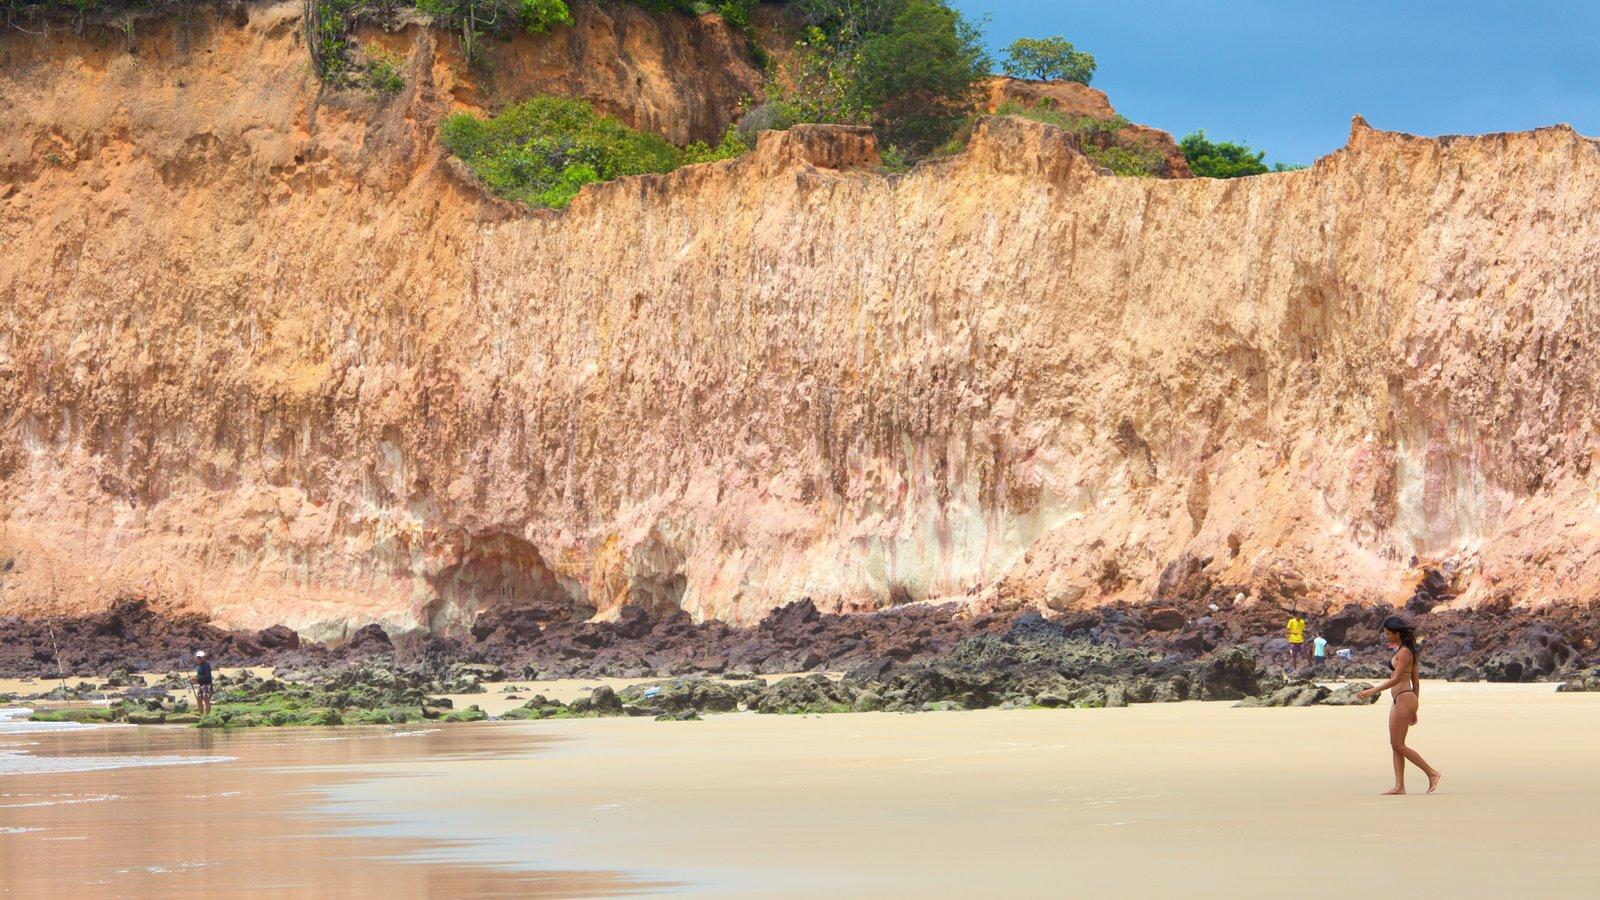 Praia de Cotovelo caracterizando uma praia de areia